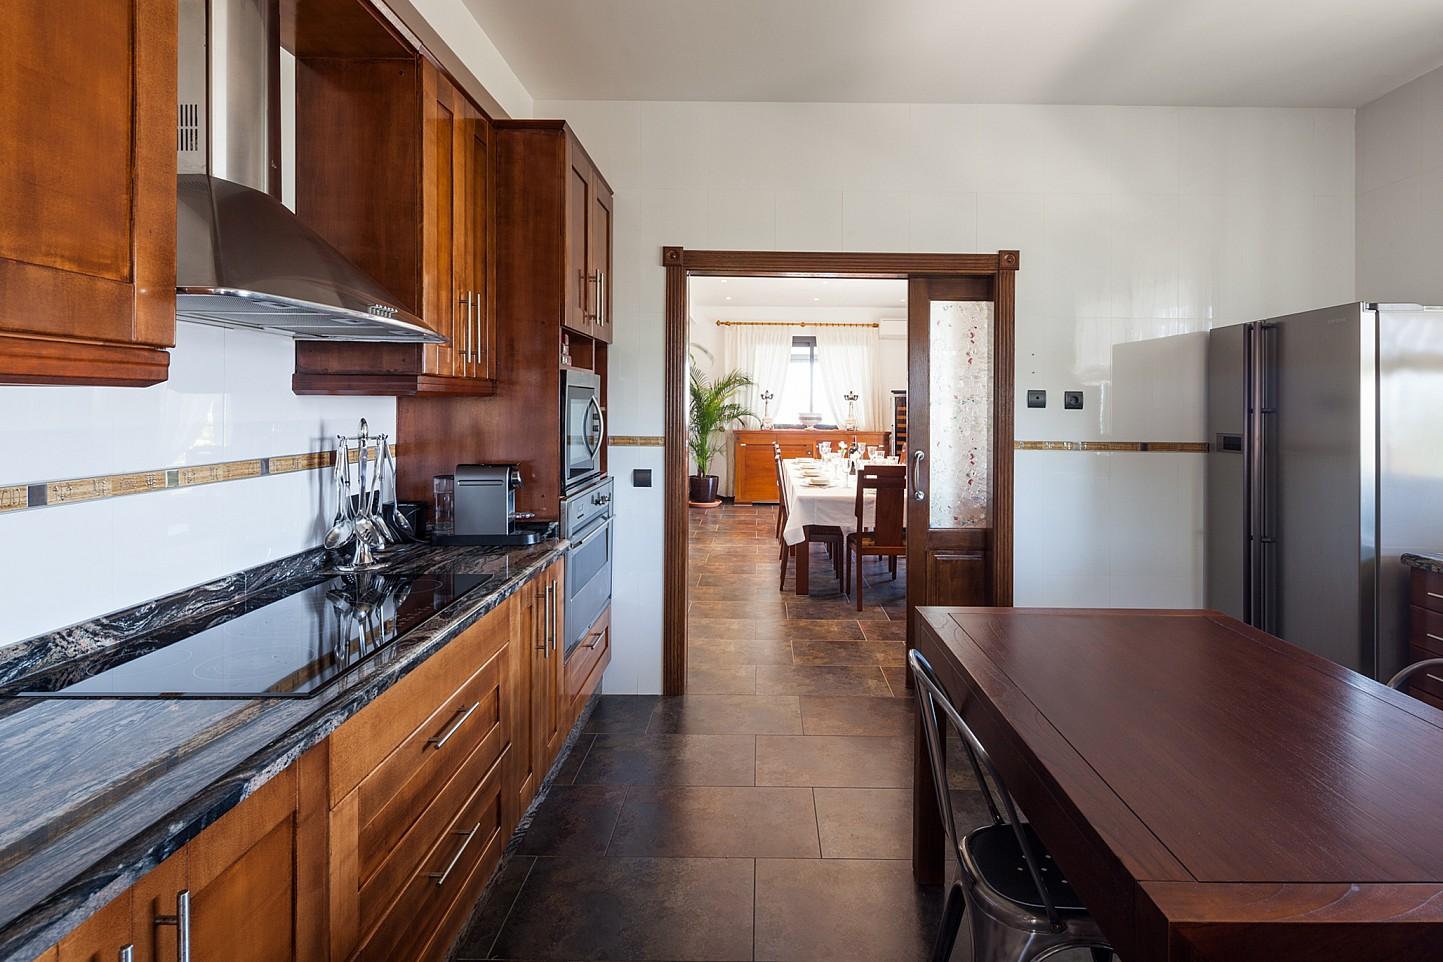 Vistas interiores de la cocina con acceso al comedor